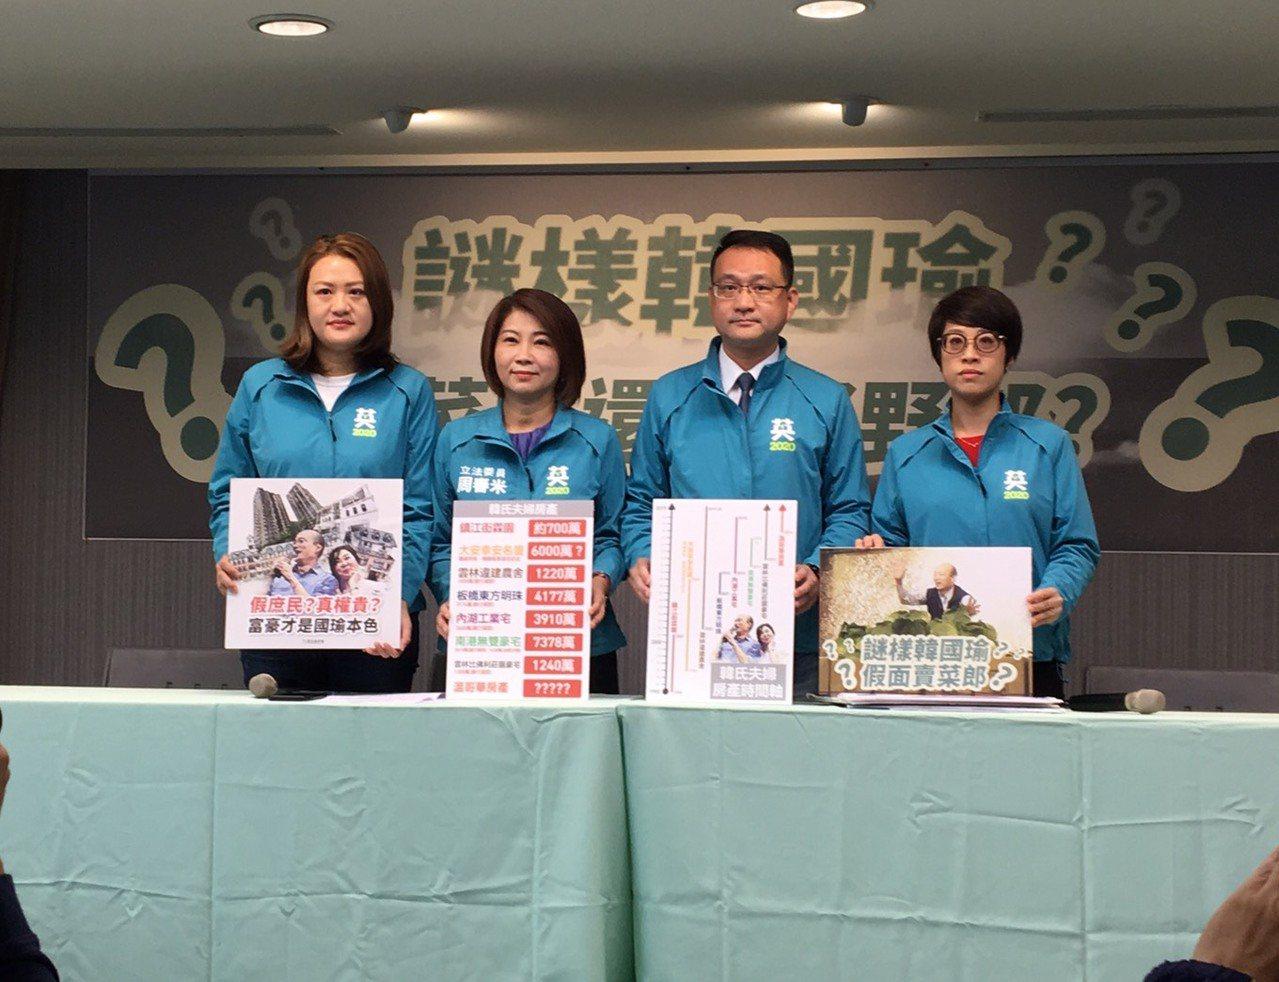 民進黨今天舉行「謎樣韓國瑜 到底是賣菜郎還是好野郎?」記者會。記者周佑政/攝影